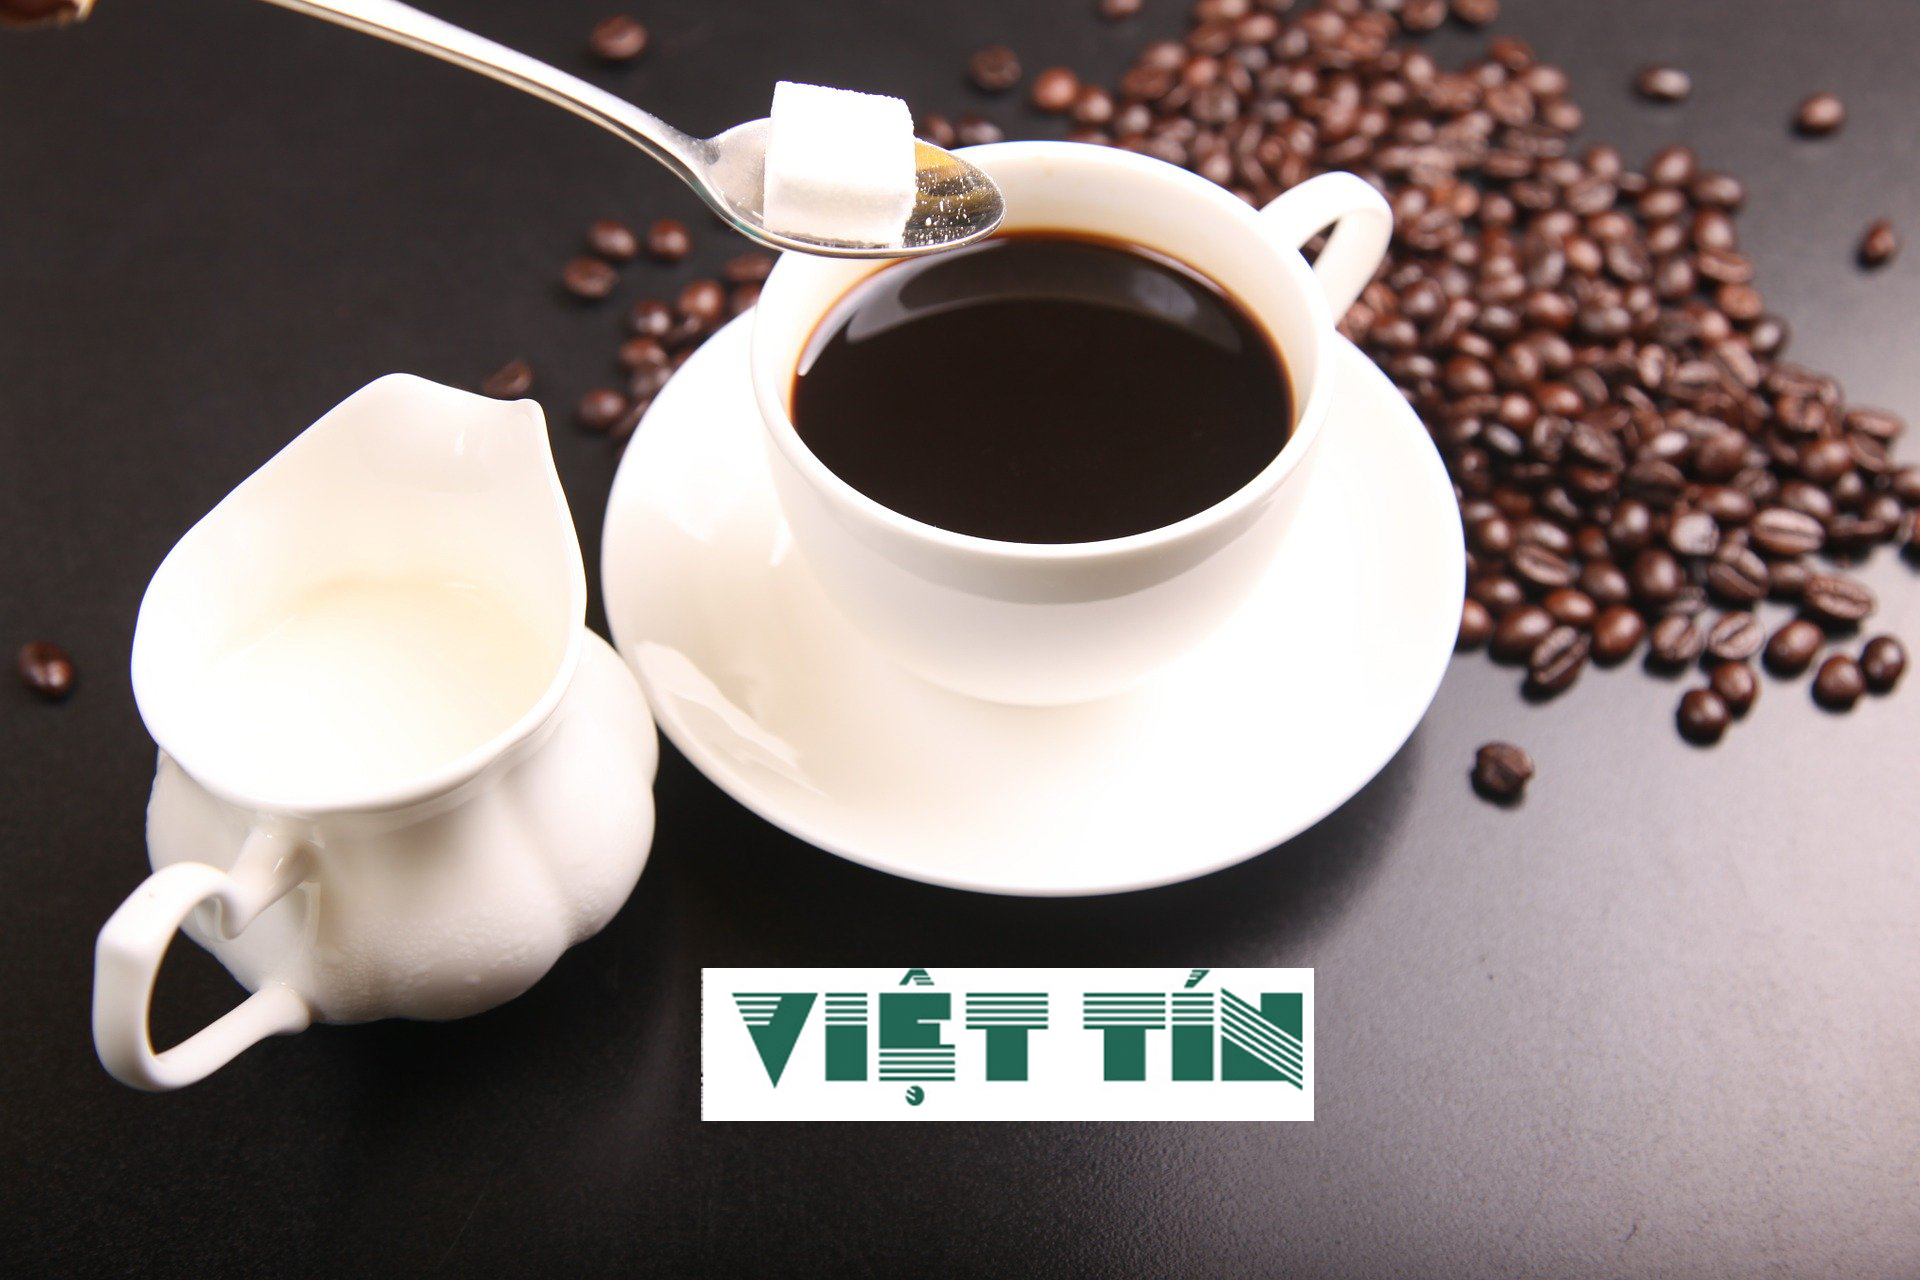 Nhiều đơn vị kinh doanh tin tưởng tìm đến dịch vụ công bố chất lượng sản phẩm cà phê nhập khẩu của Việt Tín